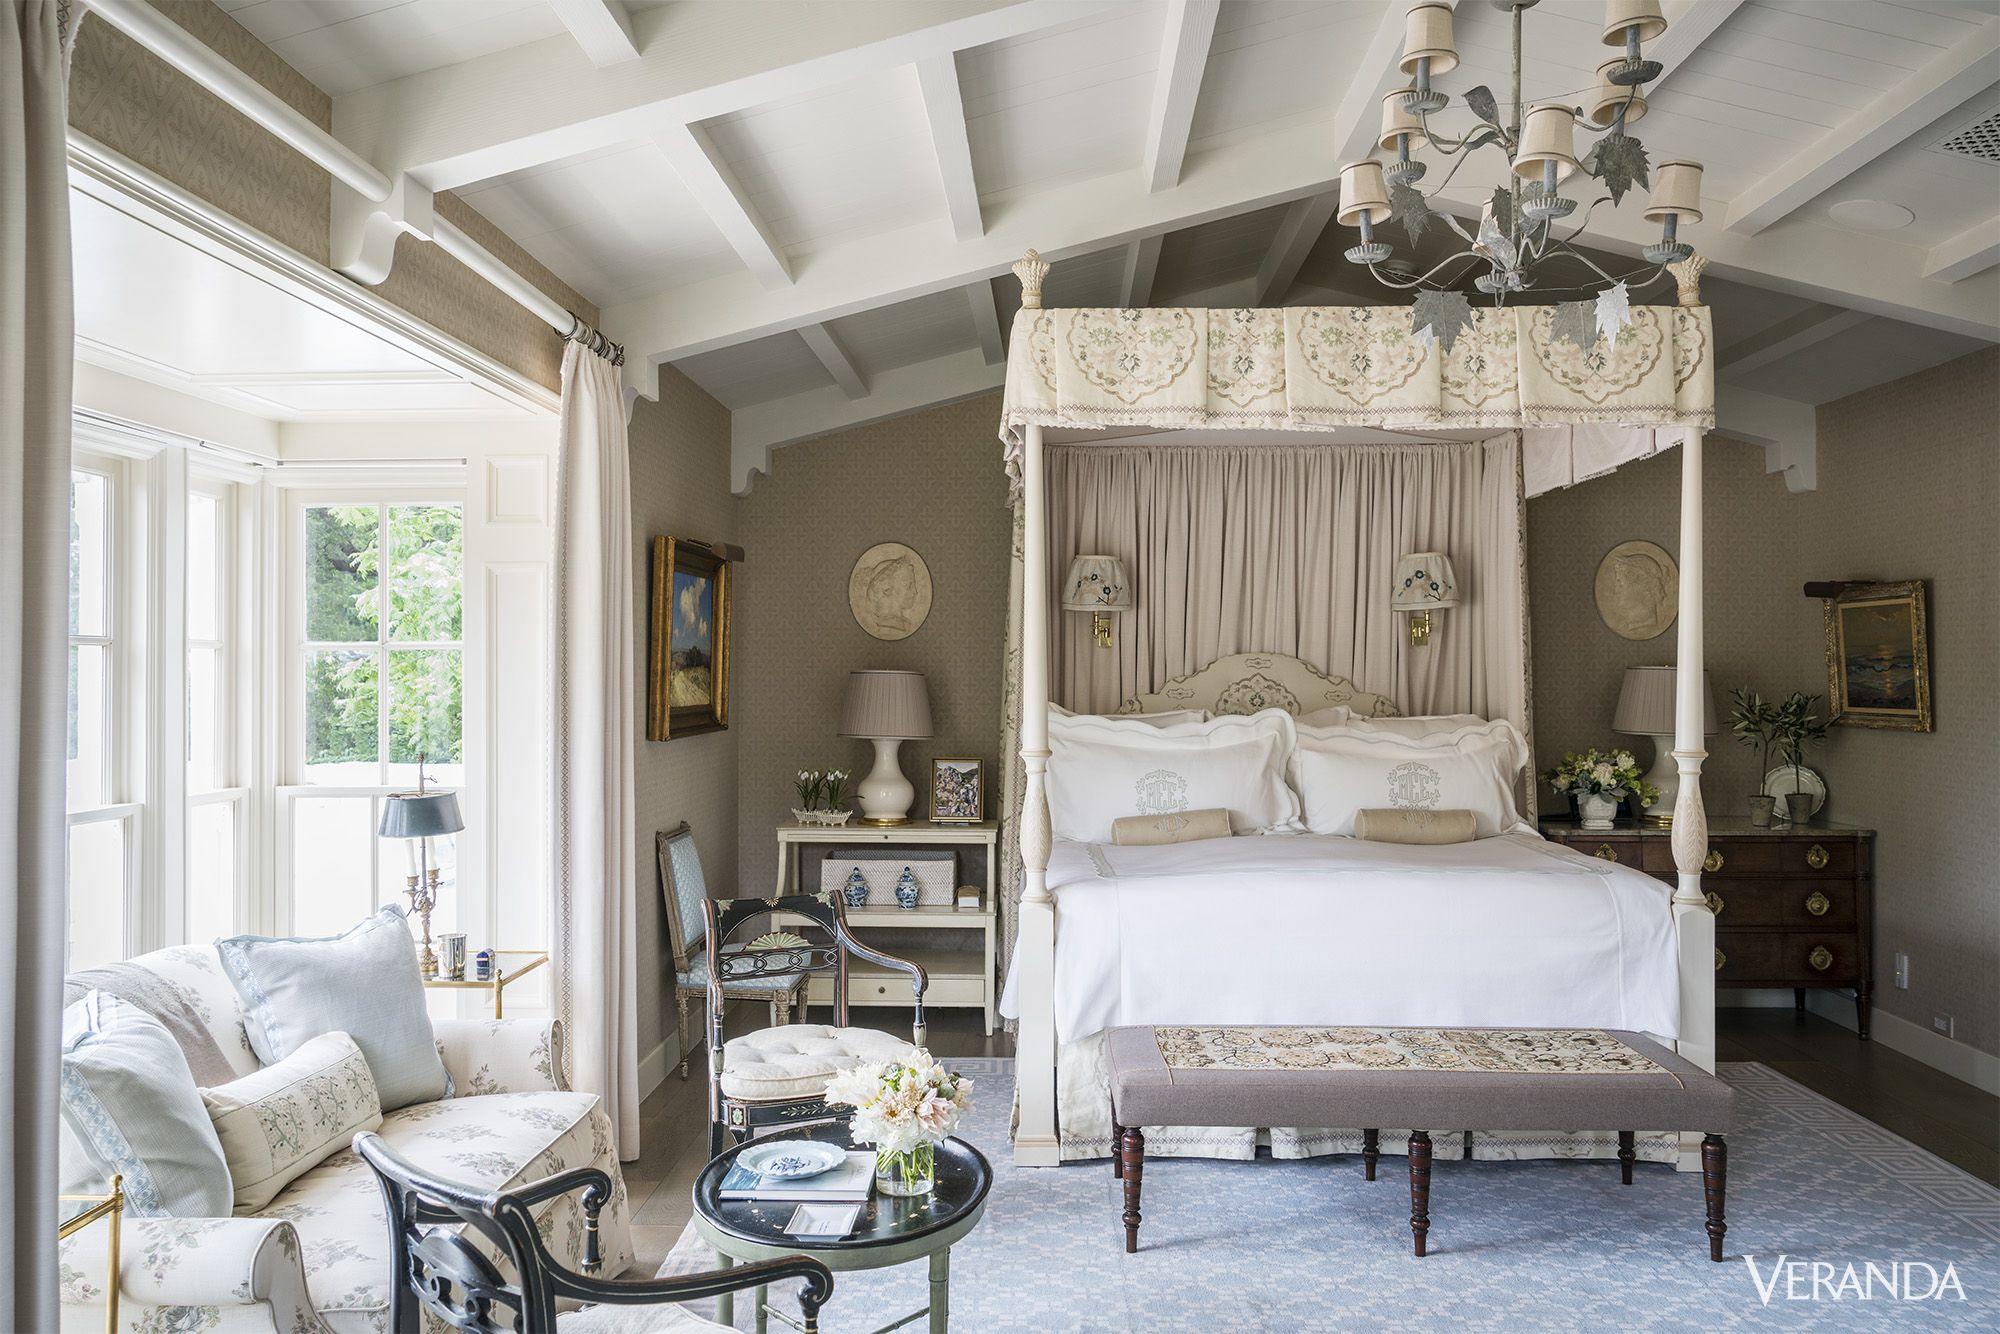 Best Bedroom Design Tips To Improve Sleep 2021